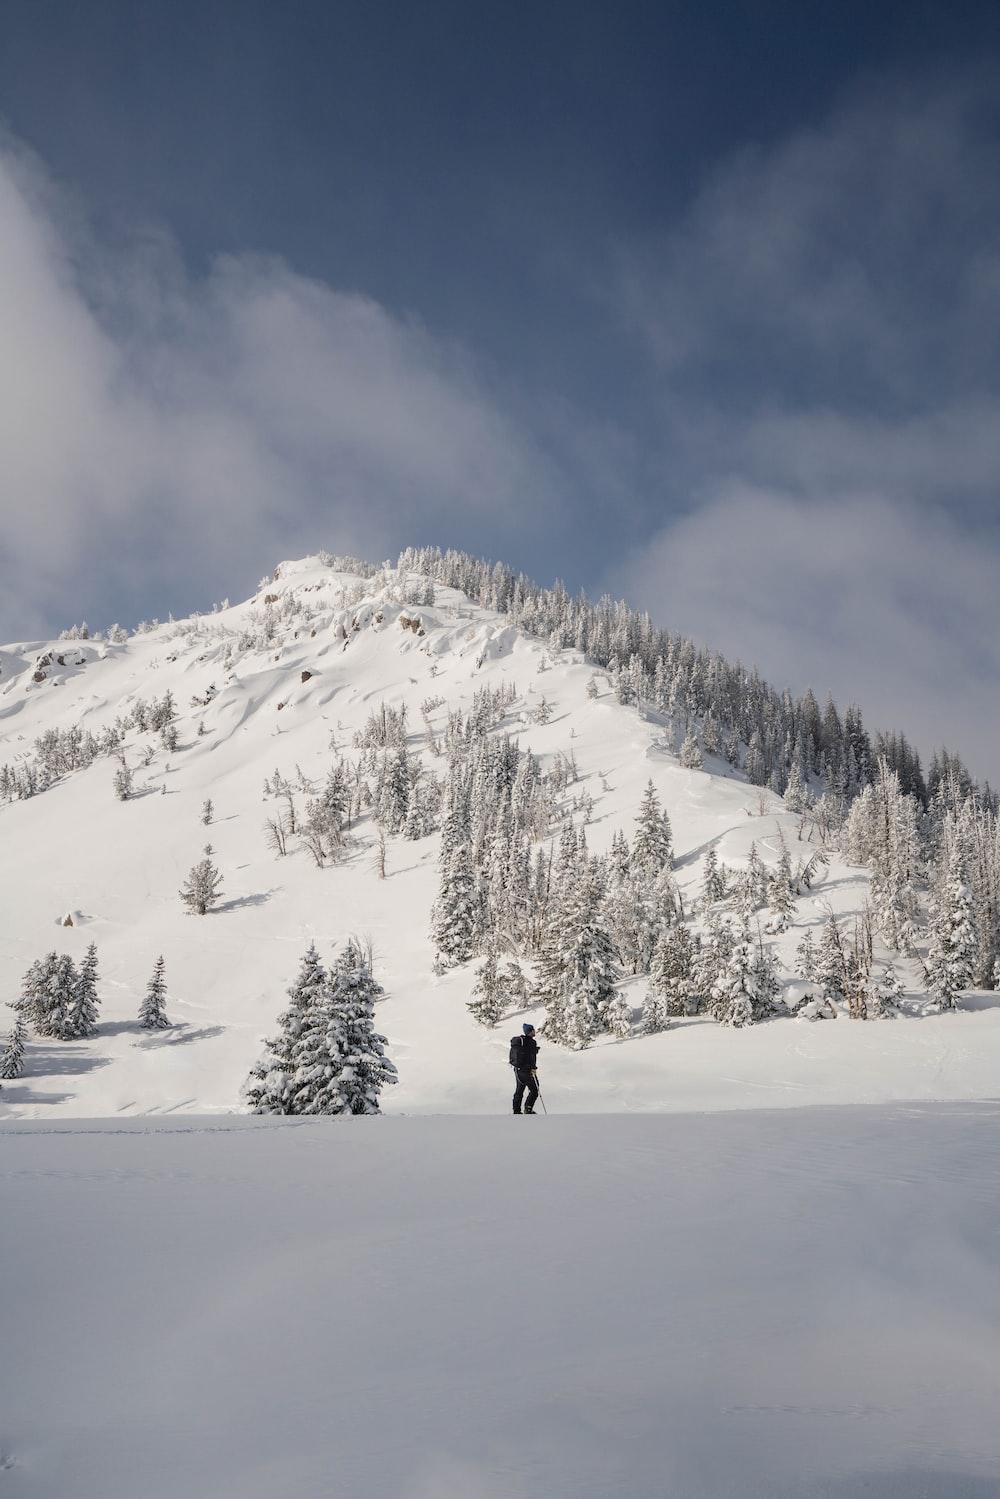 man trekking in a snowy mountain